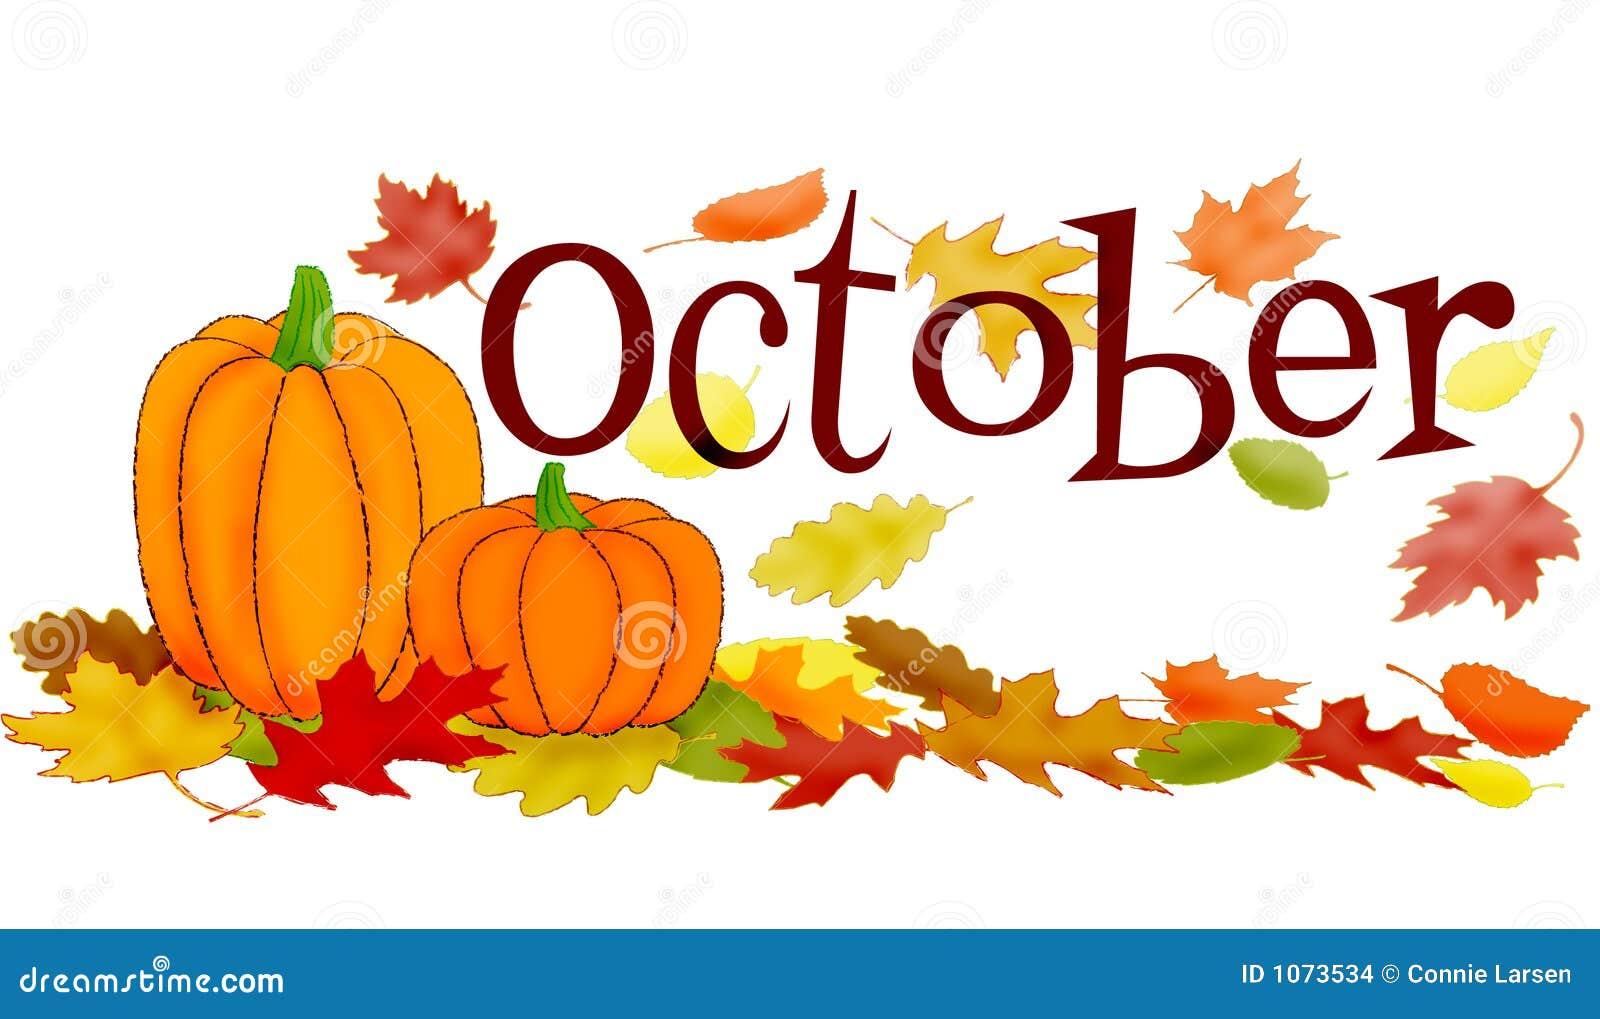 Cena de outubro